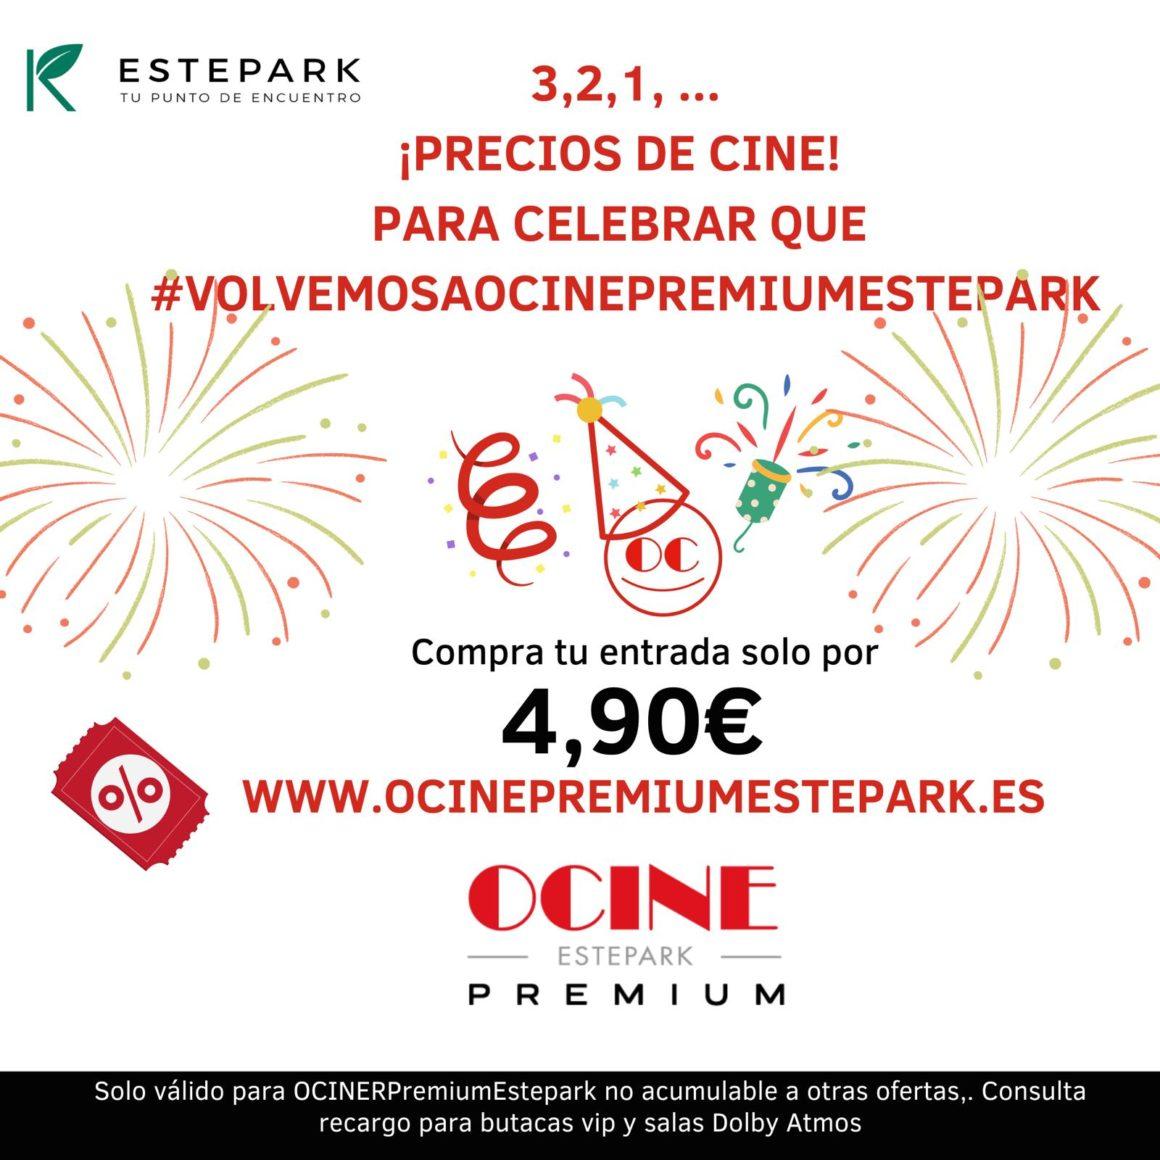 Vuelta a Ocine Premium Estepark. Nuevos precios para celebrar el regreso.